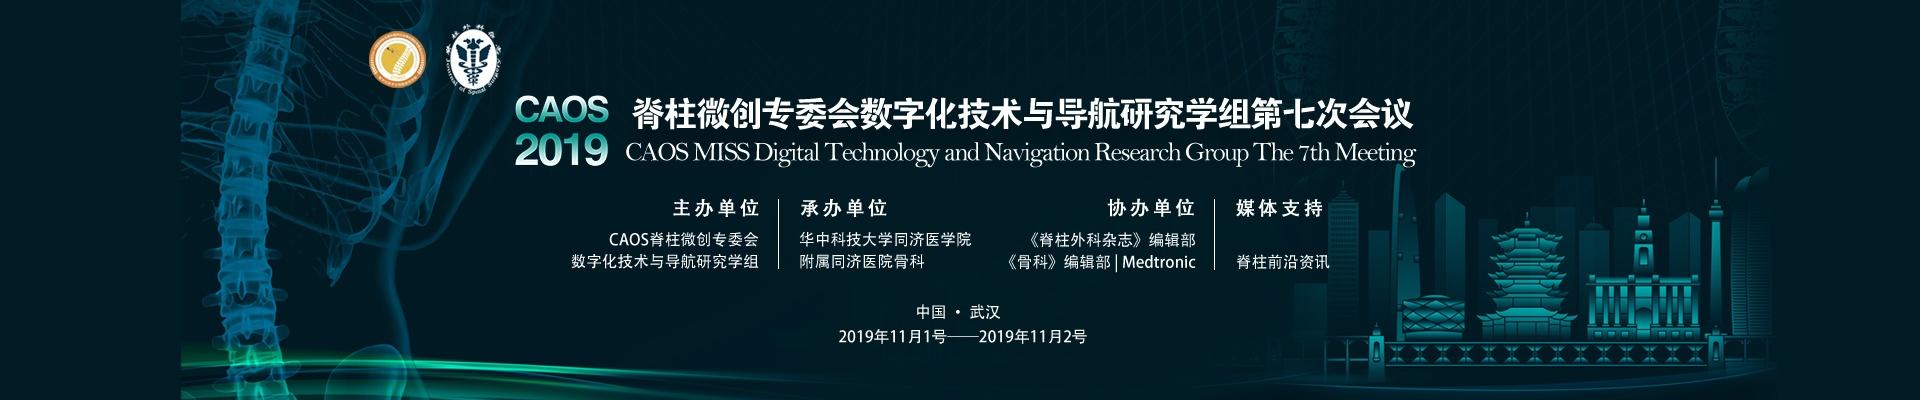 脊柱微創專委會數字化技術與導航研究學組第七次會議